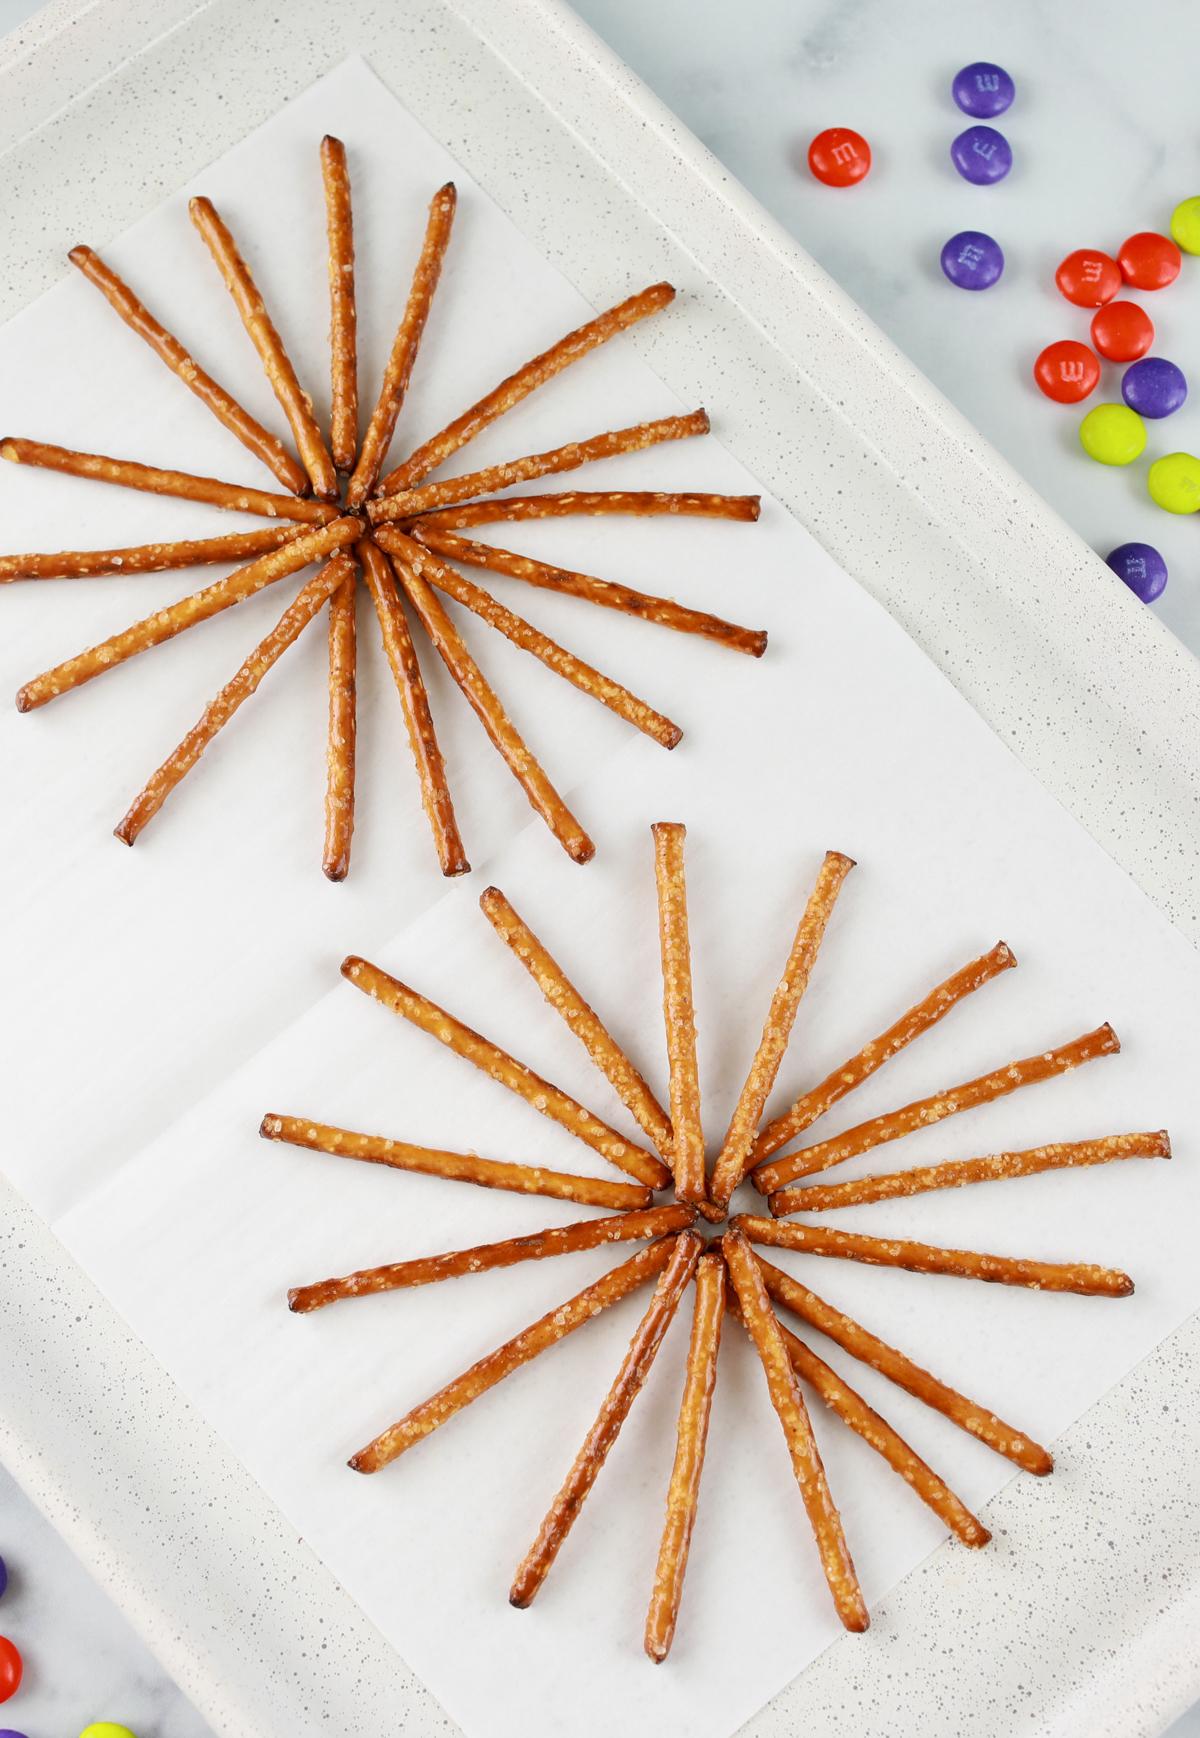 pretzel sticks in spiral fashion